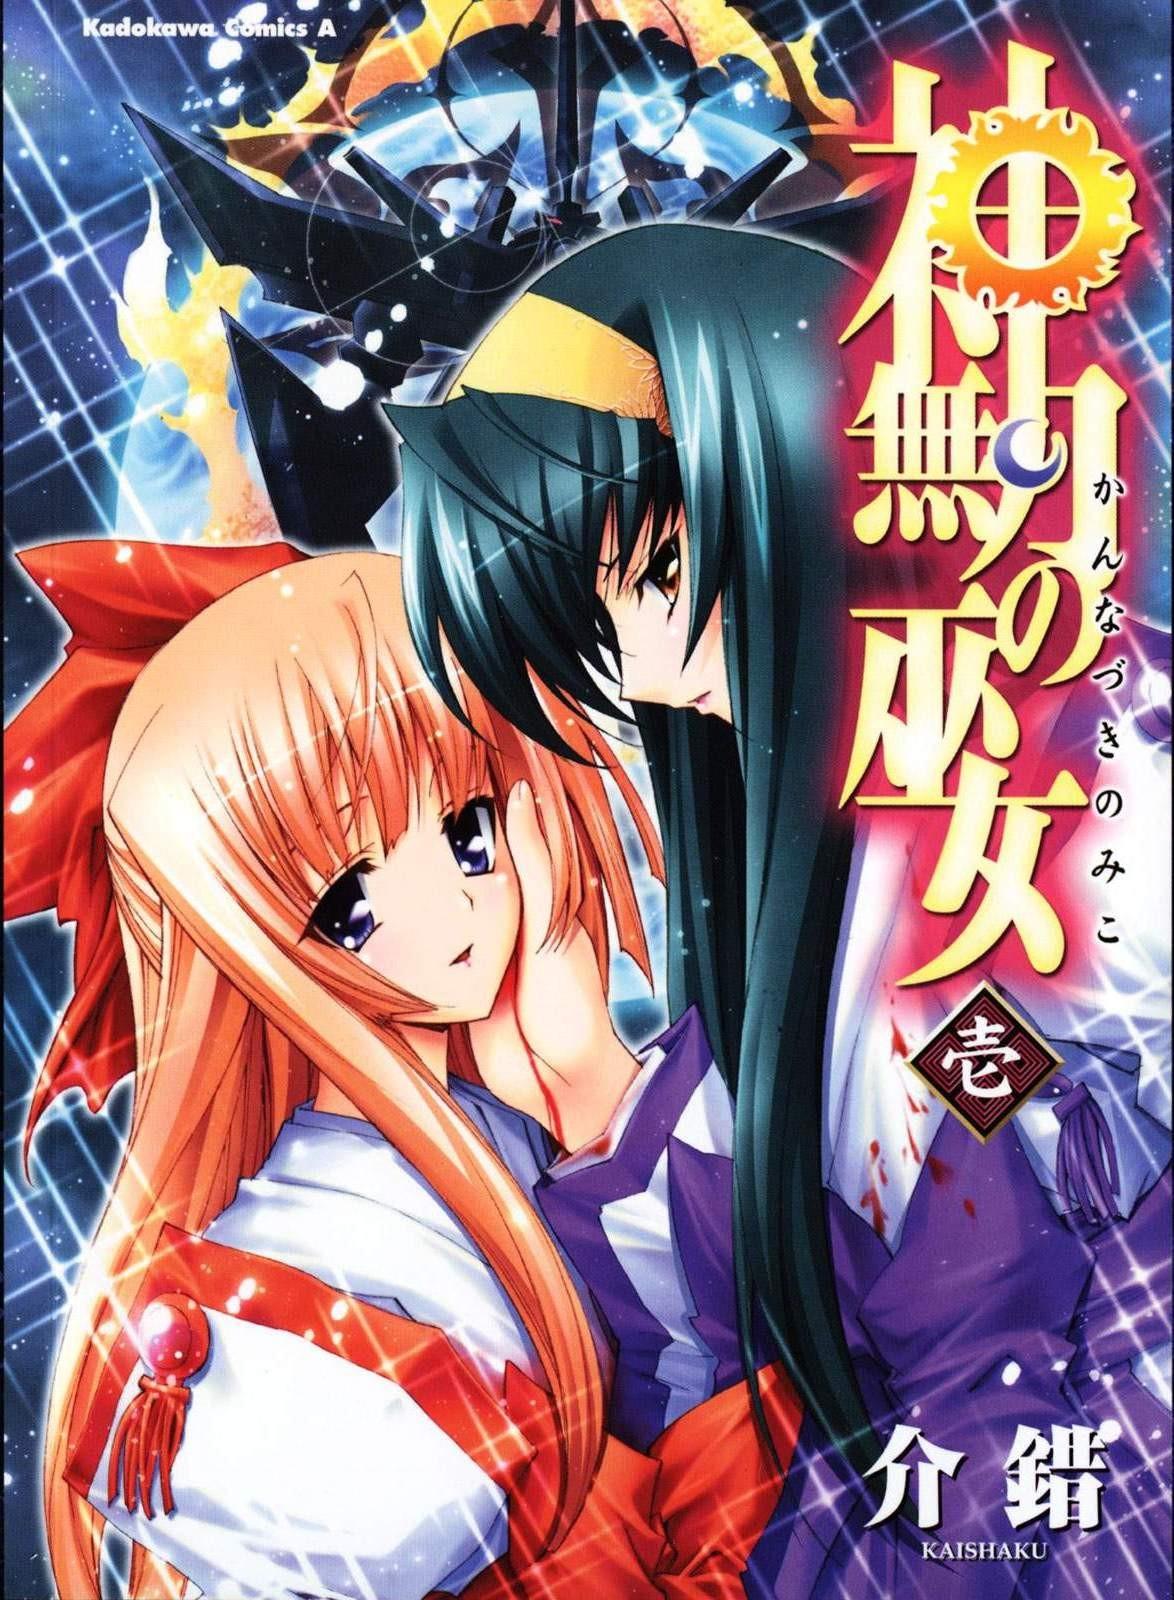 中文名: 神无月的巫女(1)出版社: 角川书店价格: 发售日: